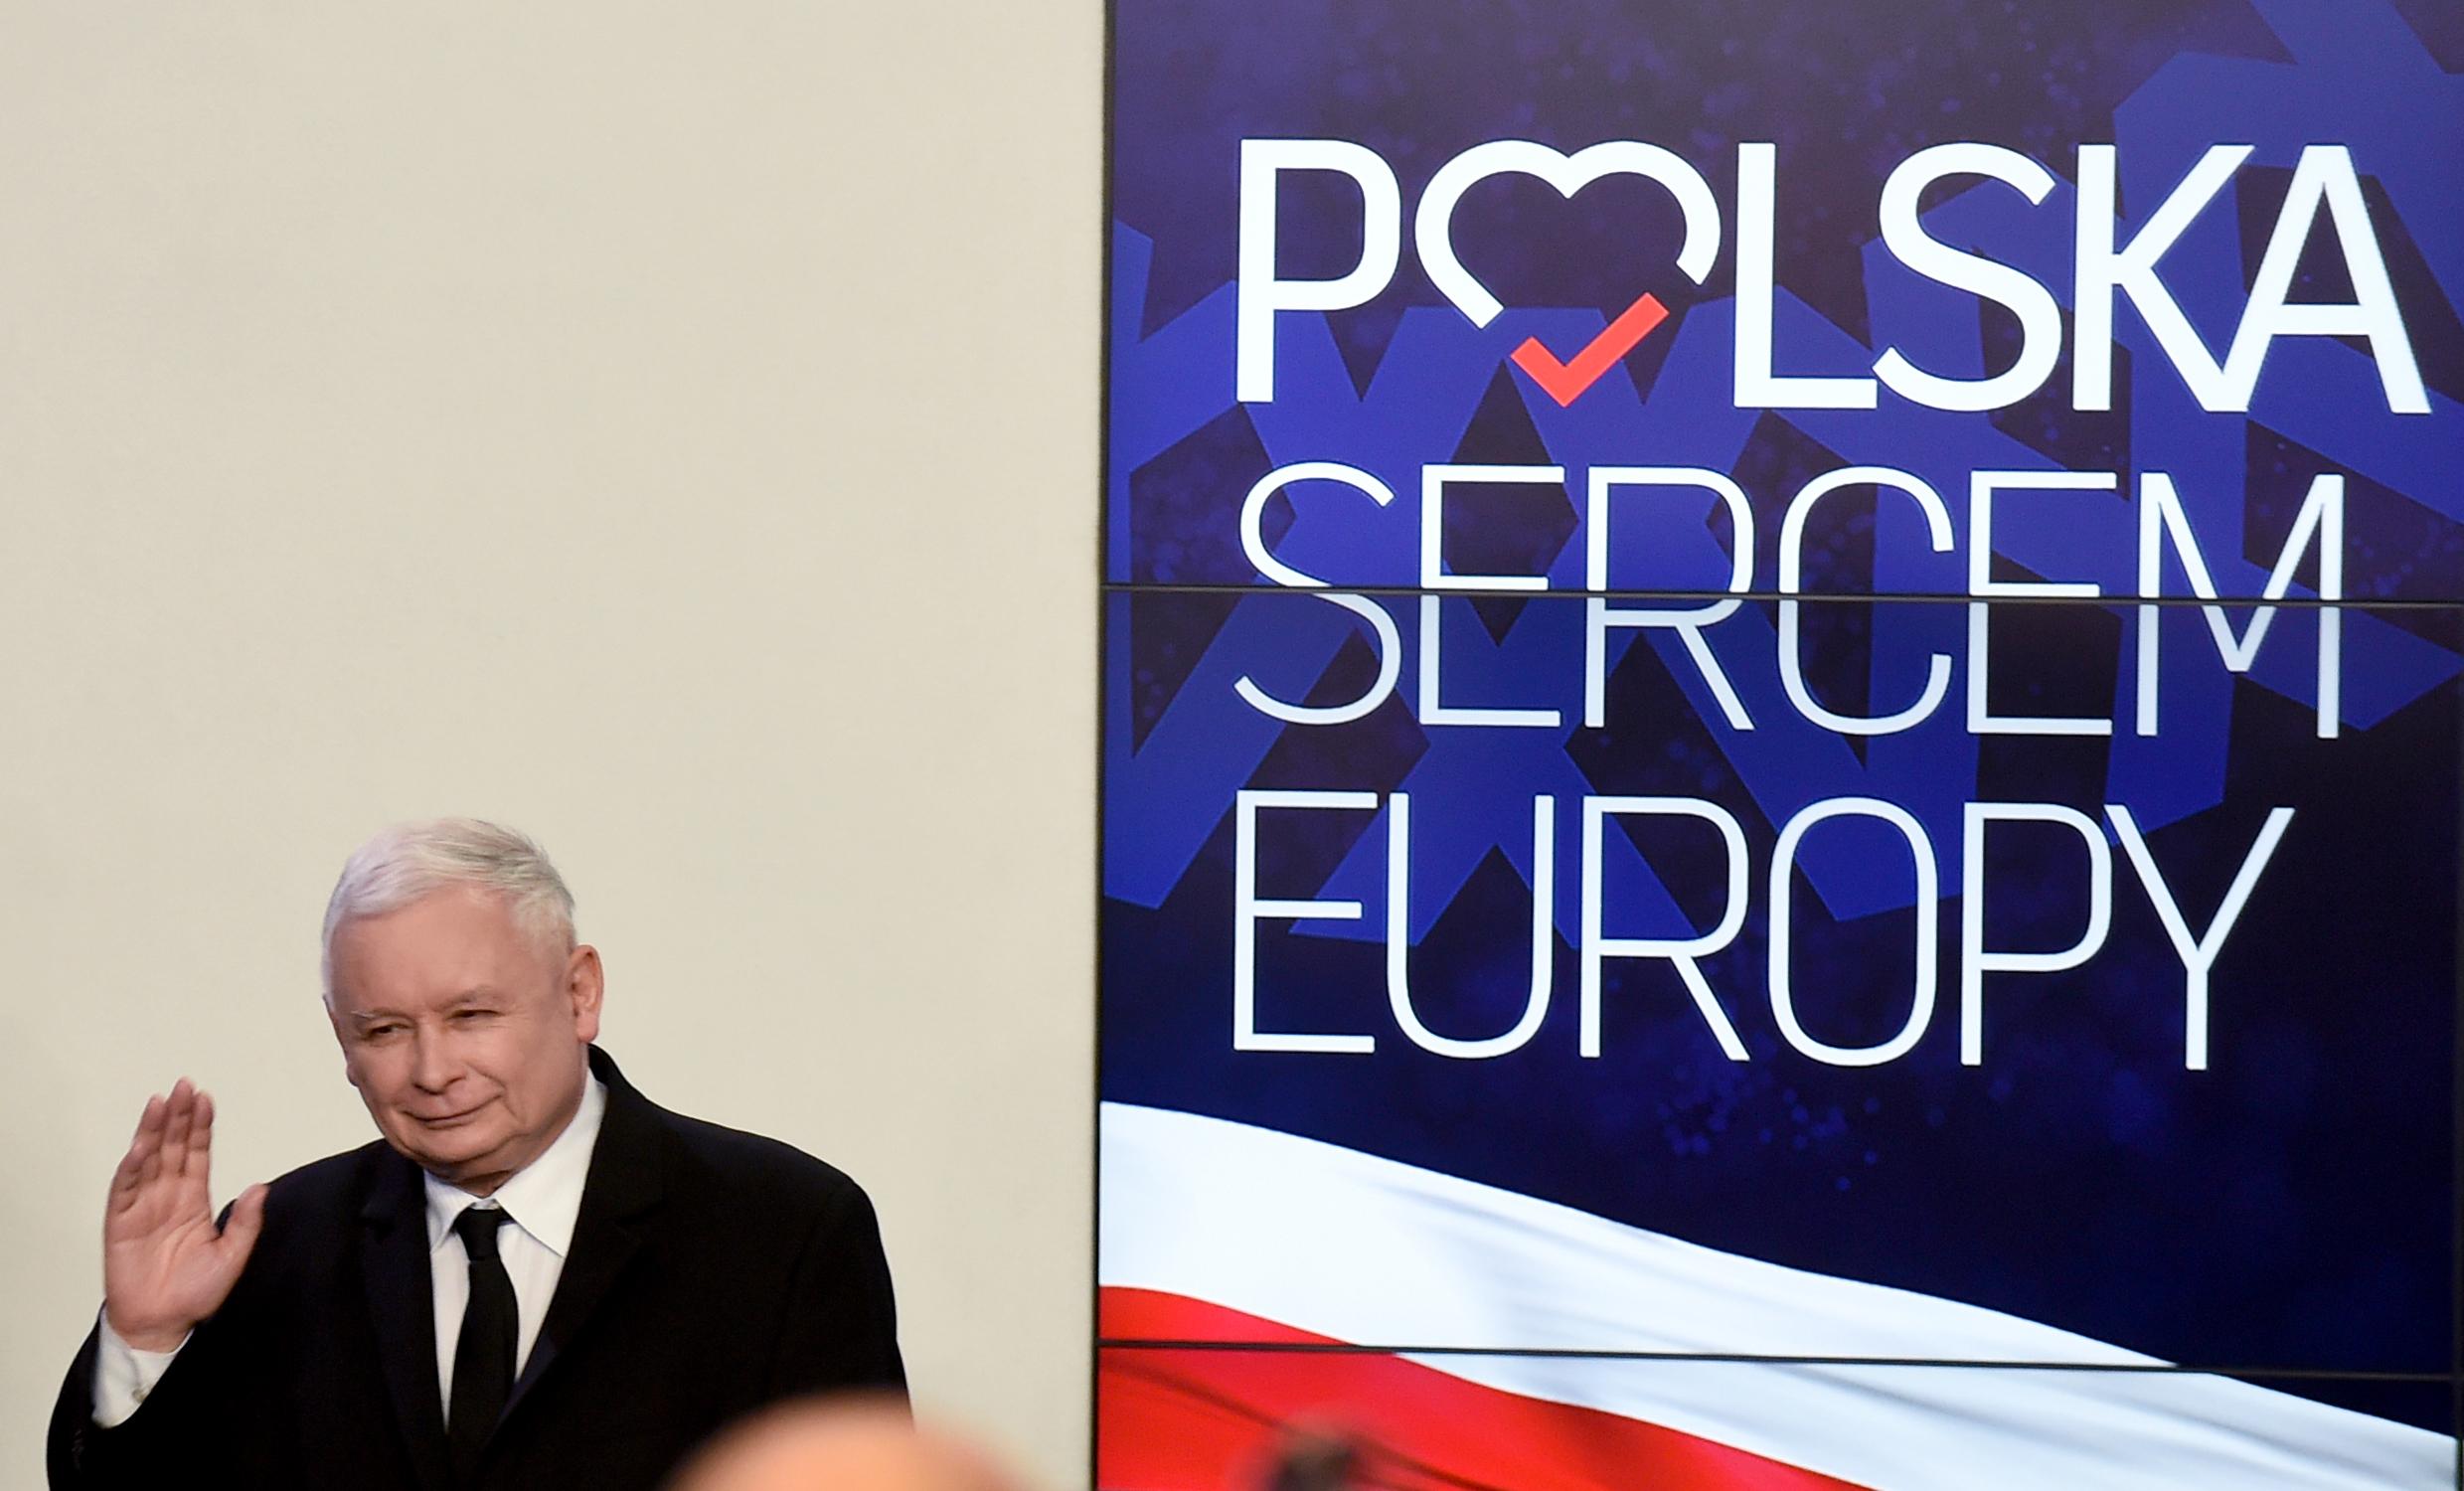 Váratlanul nagyot nyert Jarosław Kaczyński és a jobboldal Lengyelországban